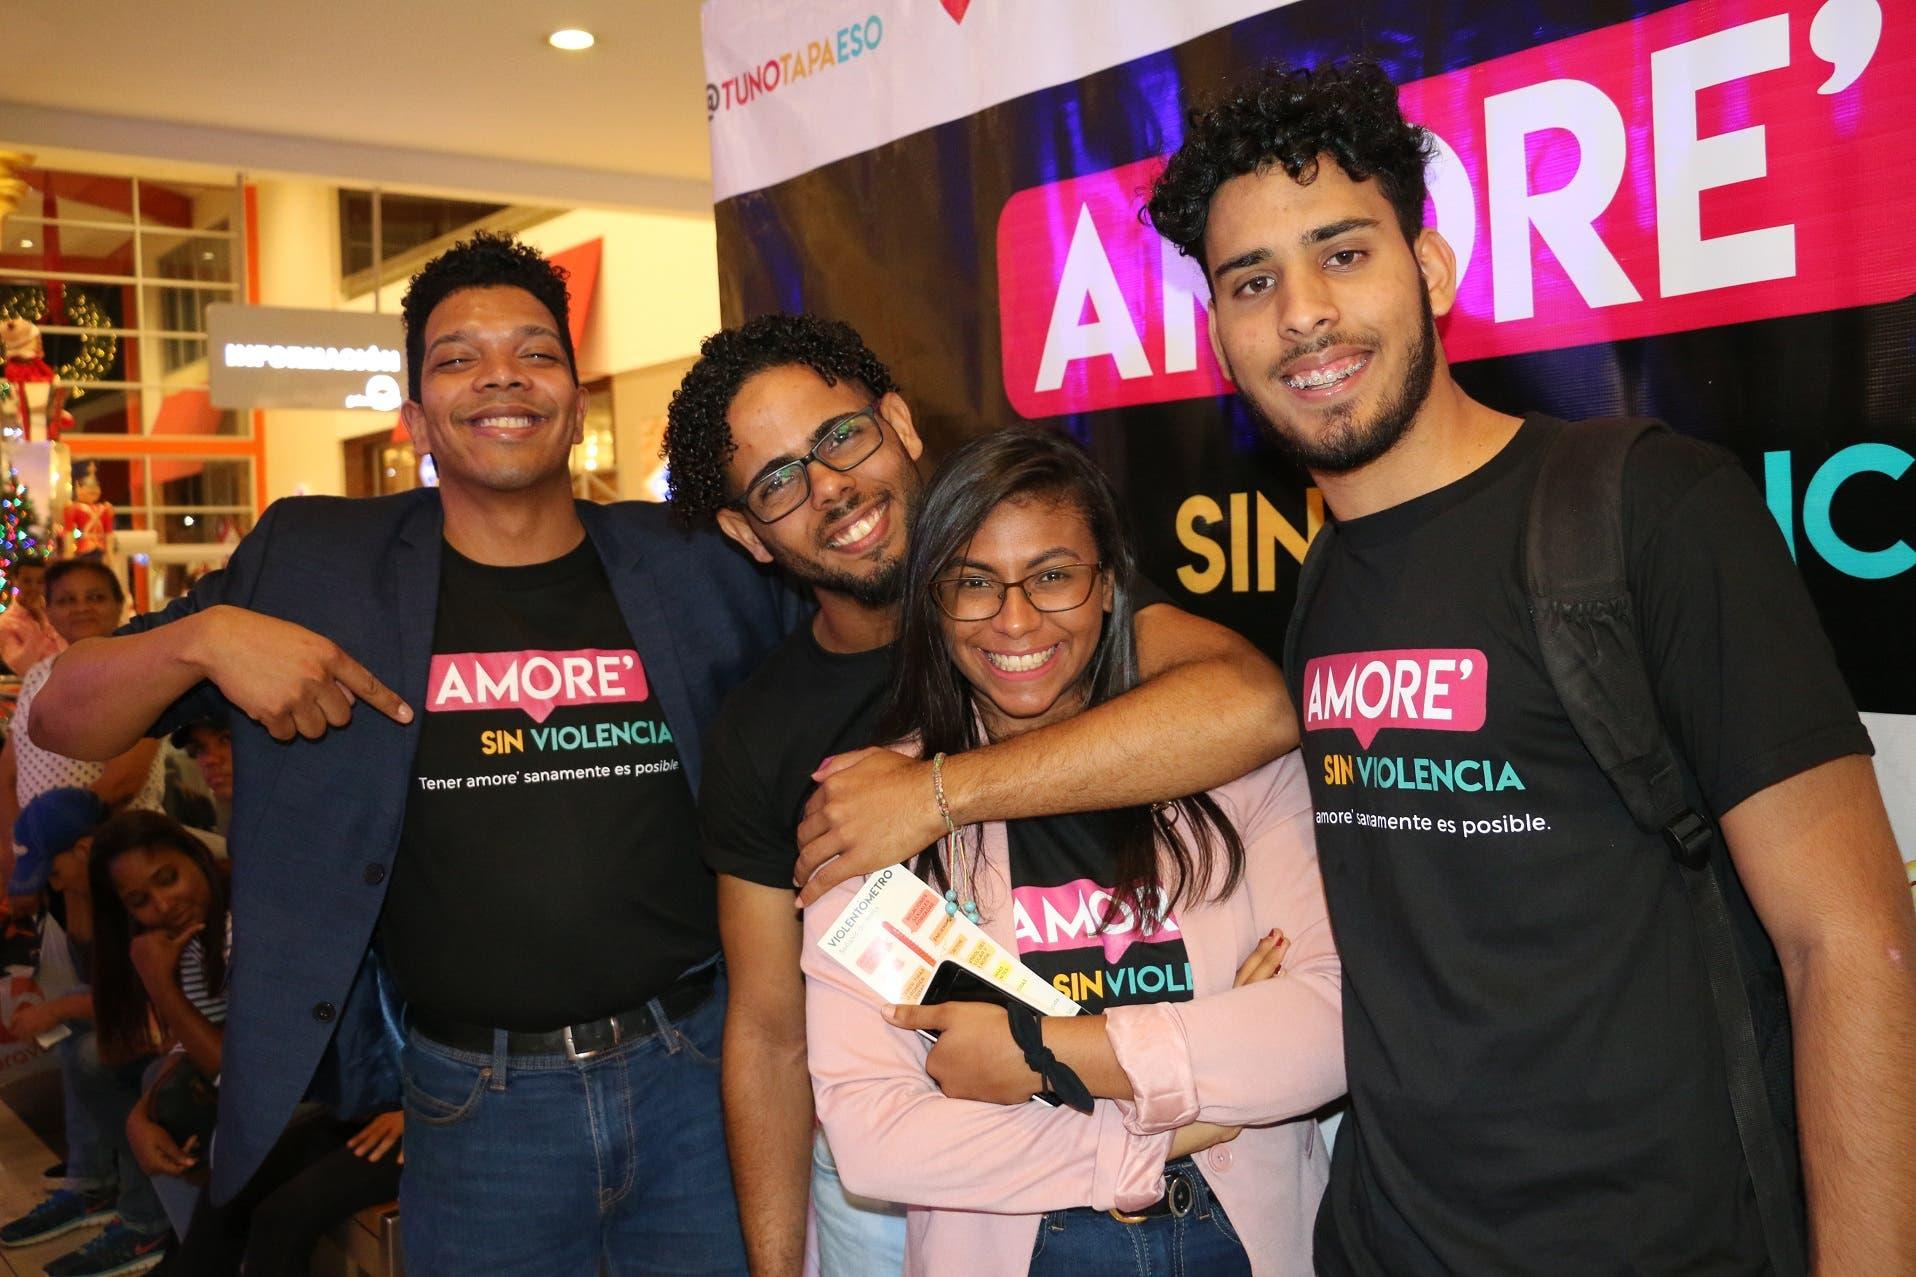 La campaña va dirigida a los jóvenes para que puedan detectar desde noviazgo si su pareja es potencialmente violenta.